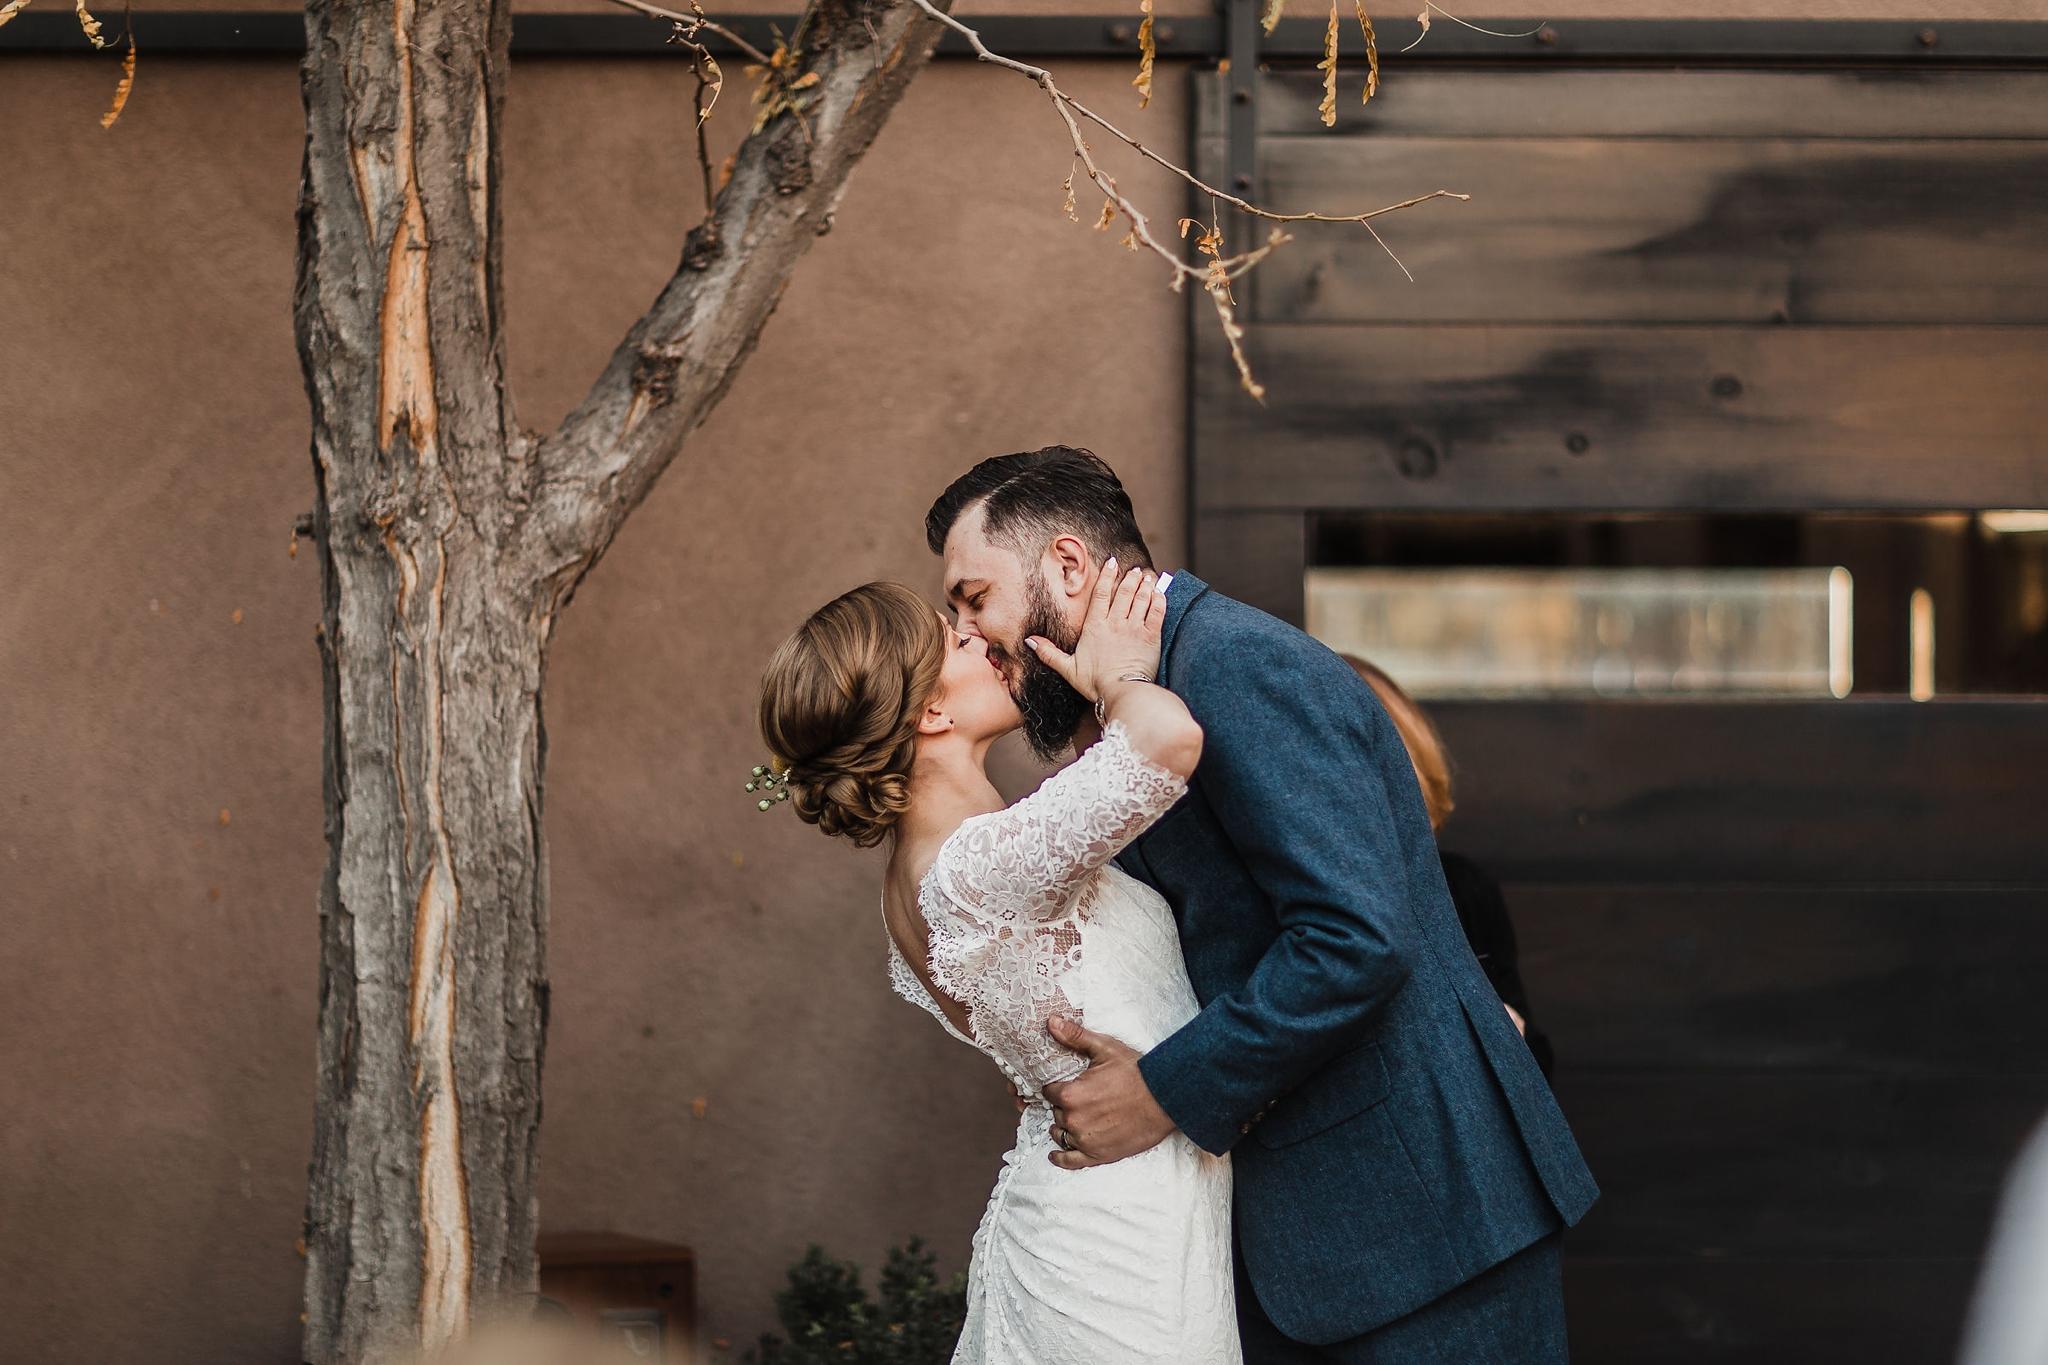 Alicia+lucia+photography+-+albuquerque+wedding+photographer+-+santa+fe+wedding+photography+-+new+mexico+wedding+photographer+-+new+mexico+wedding+-+wedding+vows+-+writing+your+own+vows+-+wedding+inspo_0025.jpg